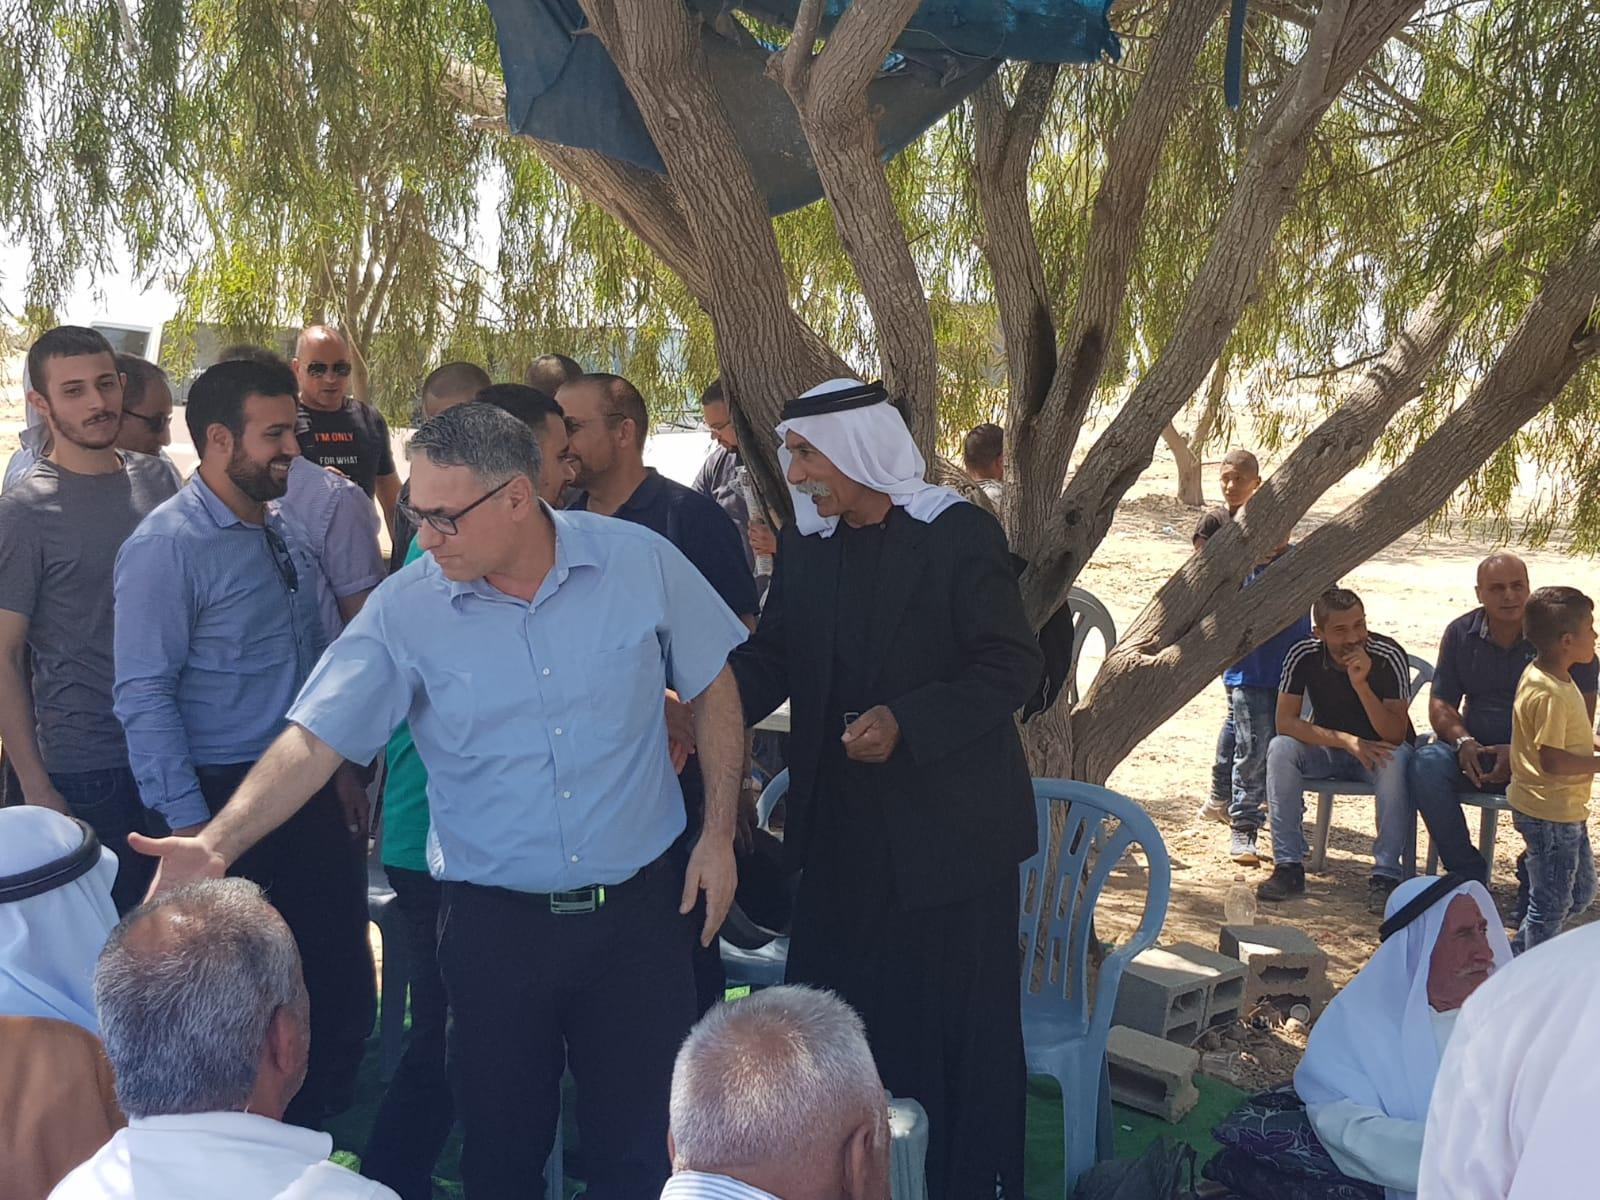 التجمع يزور العراقيب مهنئا بالإفراج عن الشيخ صياح الطوري